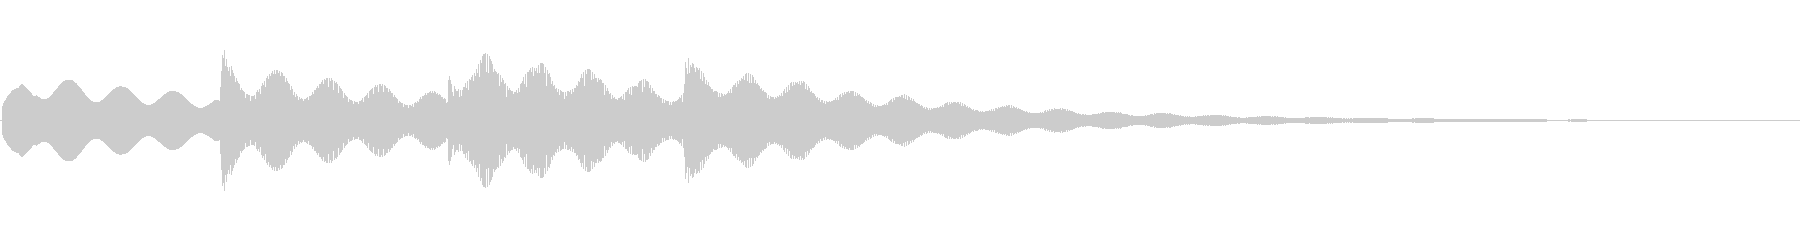 アナウンス ピンポンパンポン【1】の未再生の波形